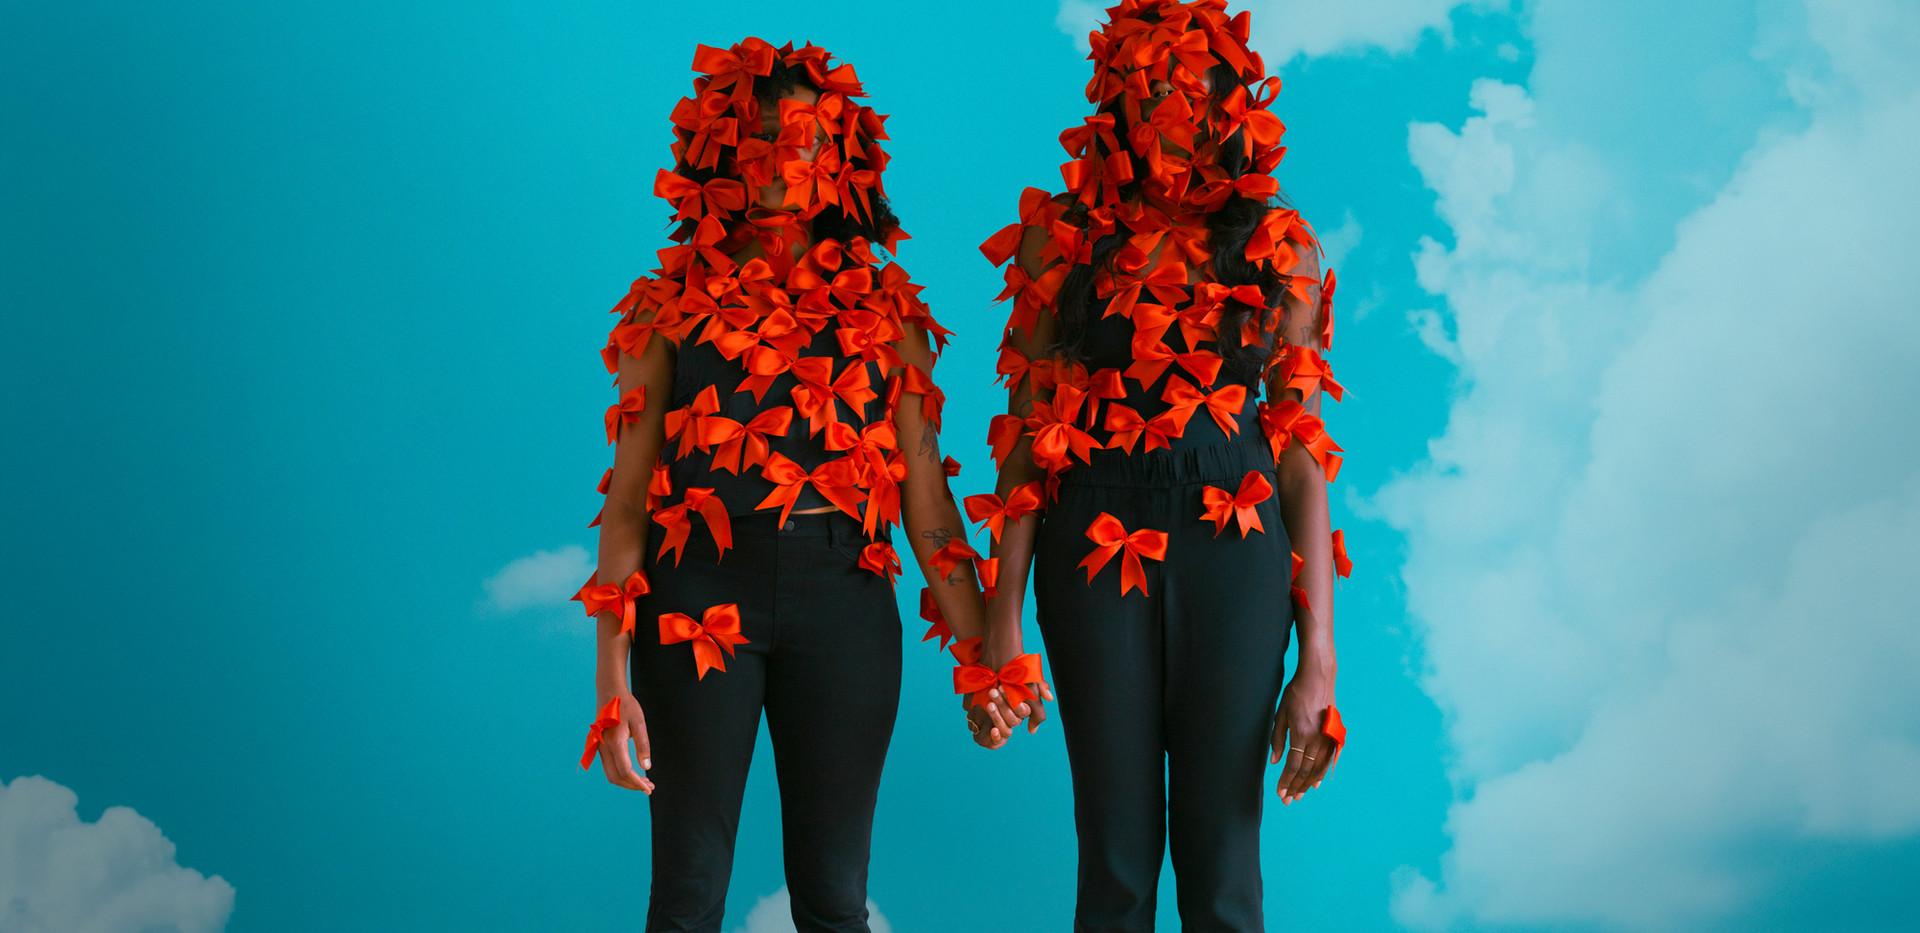 Shimmy. Scarlet Ribbons - The Eraser, 2020.